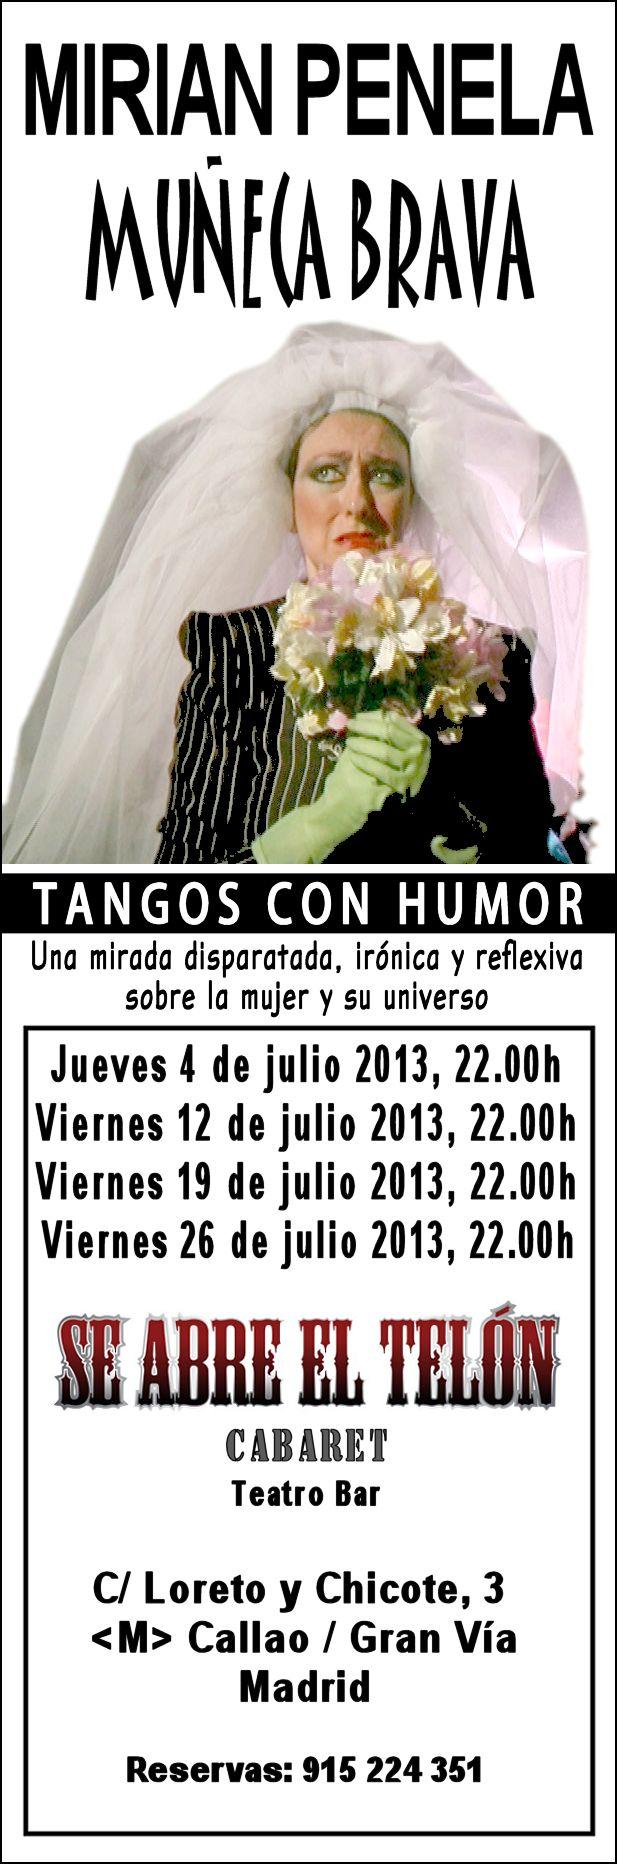 ÚLTIMAS FUNCIONES DE MUÑECA BRAVA EN MADRID  Jueves 4 de julio, a las 22.30h Viernes 12 de julio, a las 22.30h Viernes 19 de julio, a las 22.30h Viernes 26 de julio, a las 22.30h  Espectáculo de Tangos con humor.  Para reír y emocionarse con este show de Teatro-Cabaret de MIRIAN PENELA y su batallón de mujeres: la casada, la solterona, la fea, la gorda, la loca, la abandonada...  Reservas al teléfono (+)34 91 522 43 51  La cita es en Se Abre El Telón Cabaret: Calle Loreto y Chicote, 3…